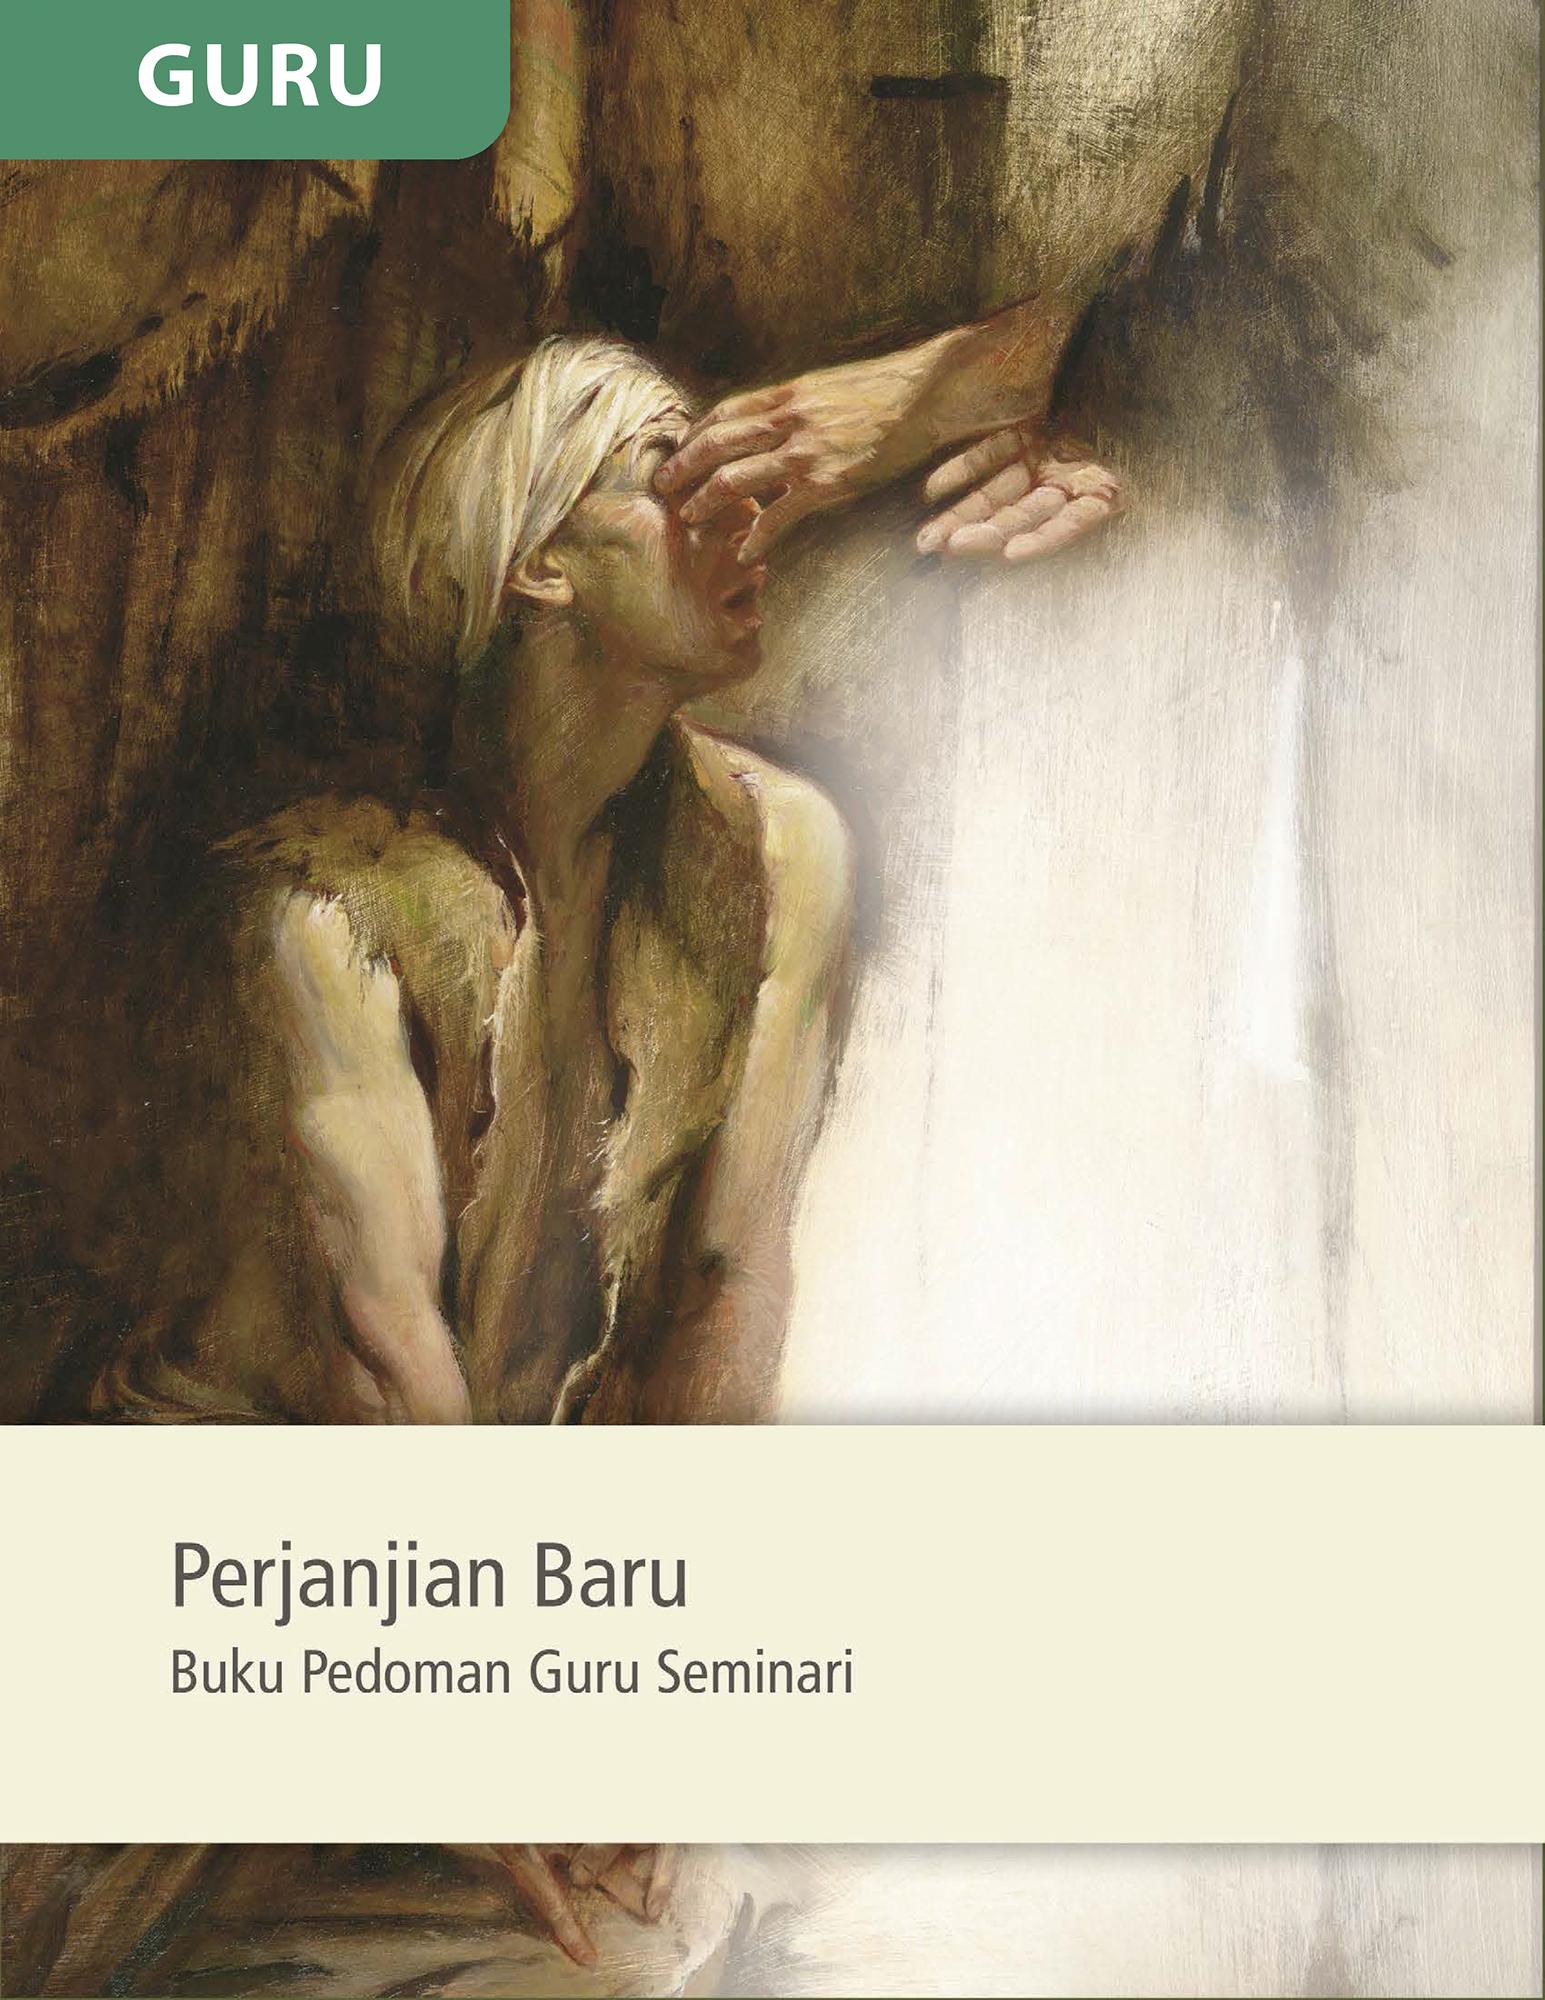 Buku Pedoman Guru Seminari Perjanjian Baru